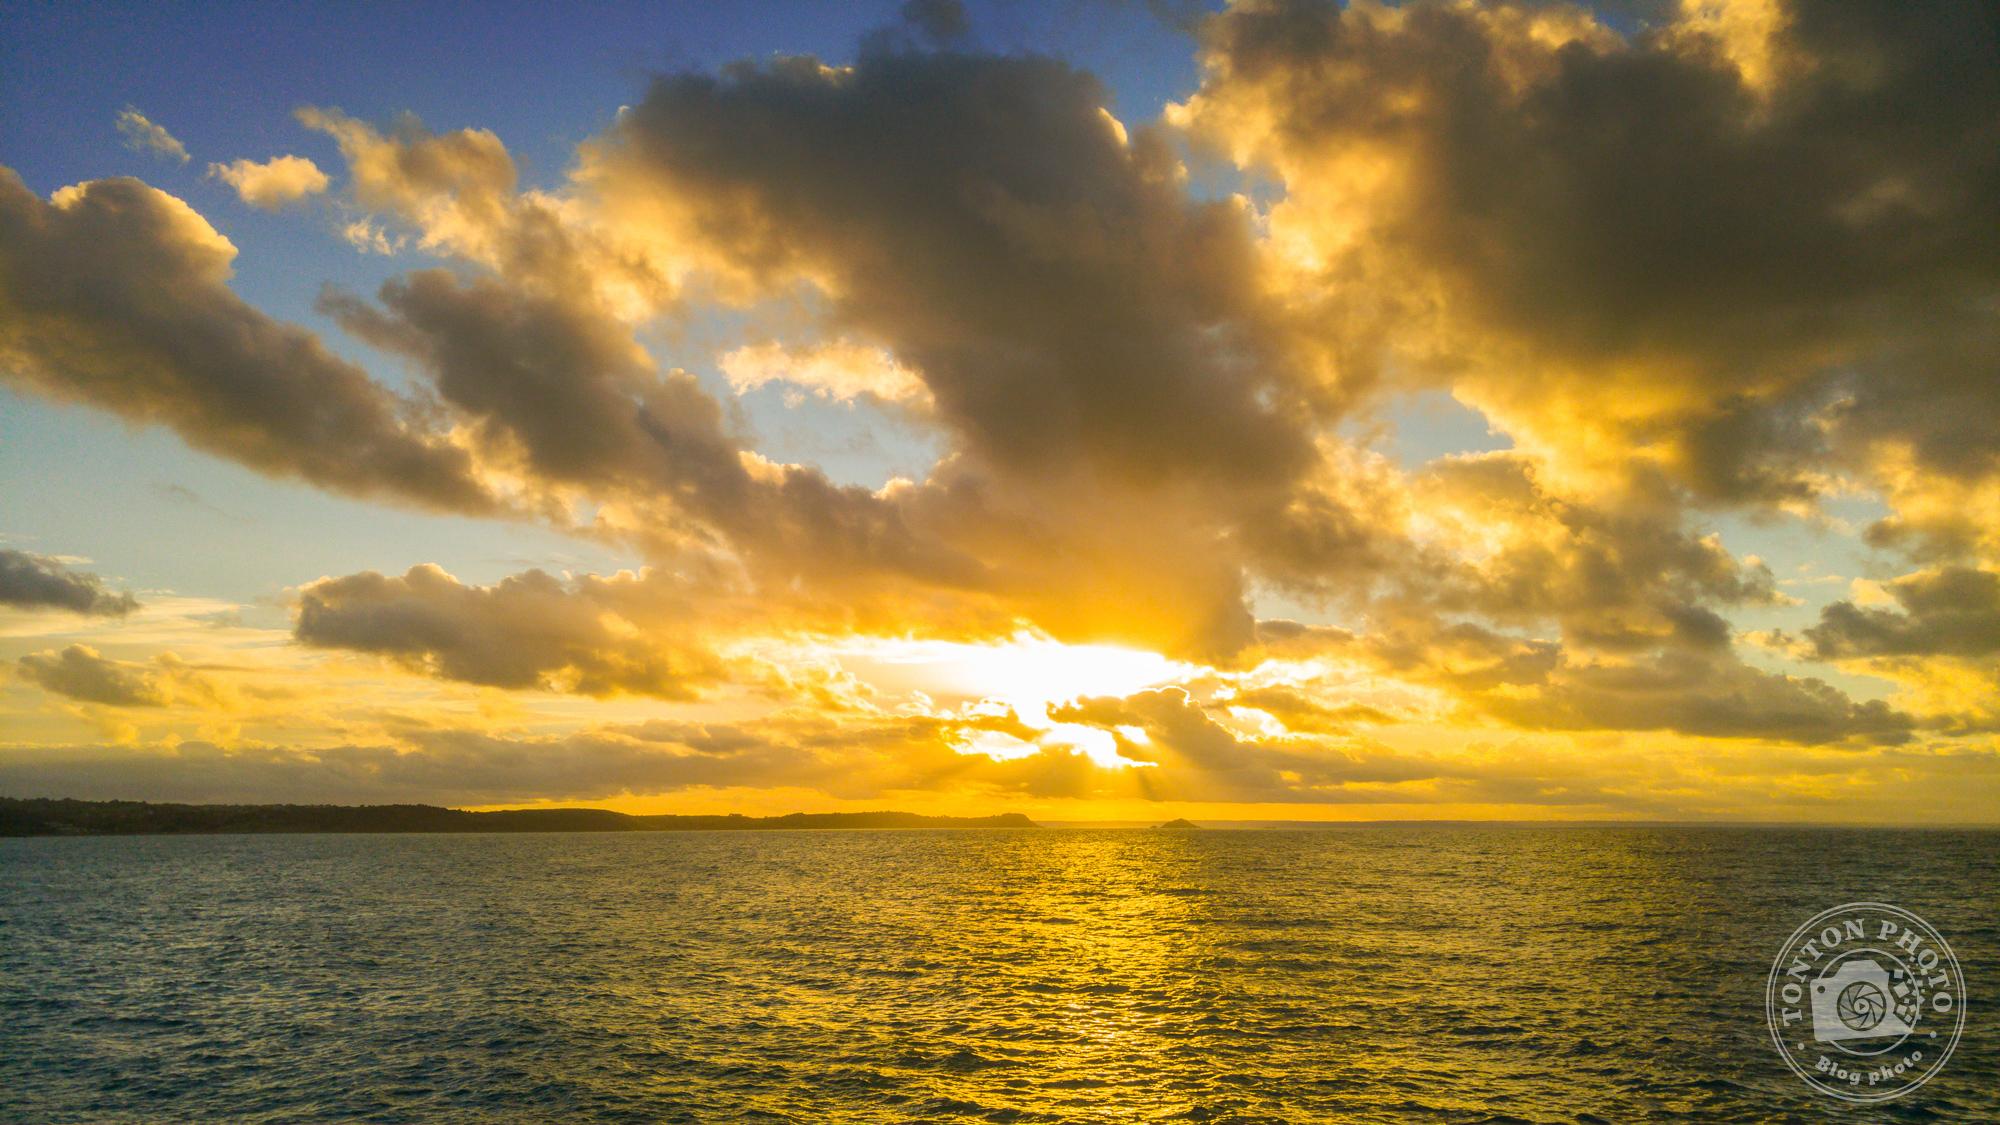 Après post-traitement : observez comme j'ai pu récupérer la sur-exposition au niveau du soleil grâce au format Raw © Clément Racineux / Tonton Photo